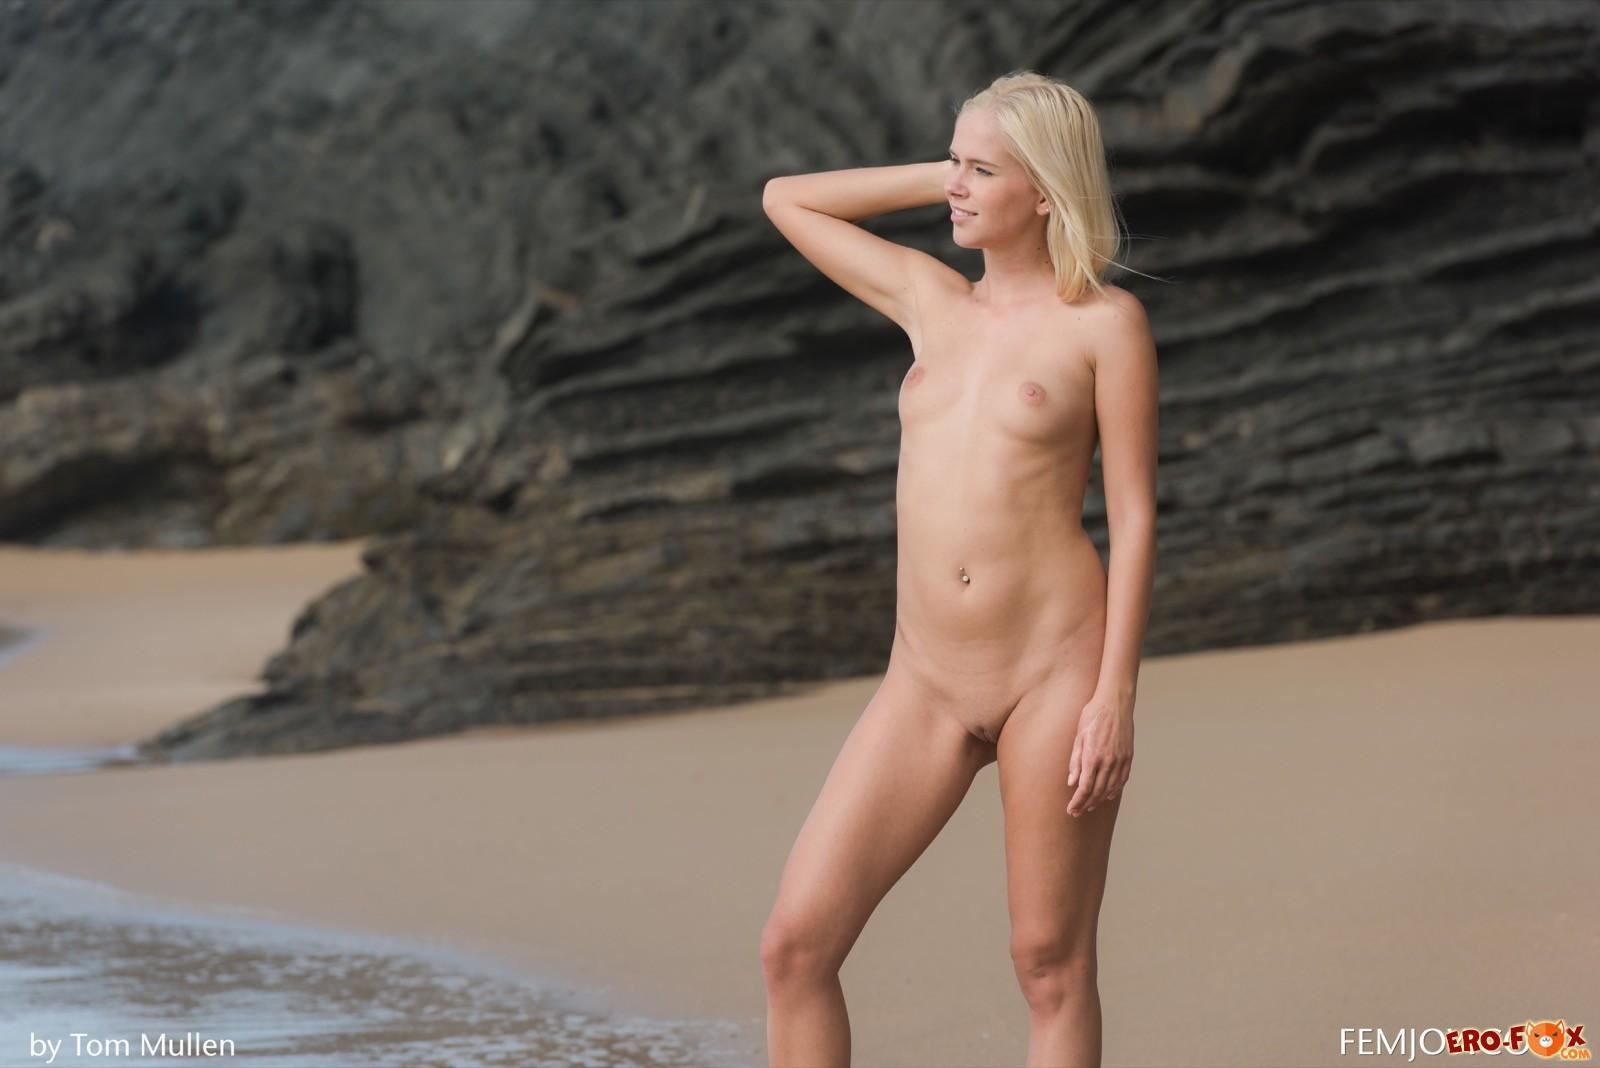 Сексуальная блондинка без одежды гуляет по пляжу